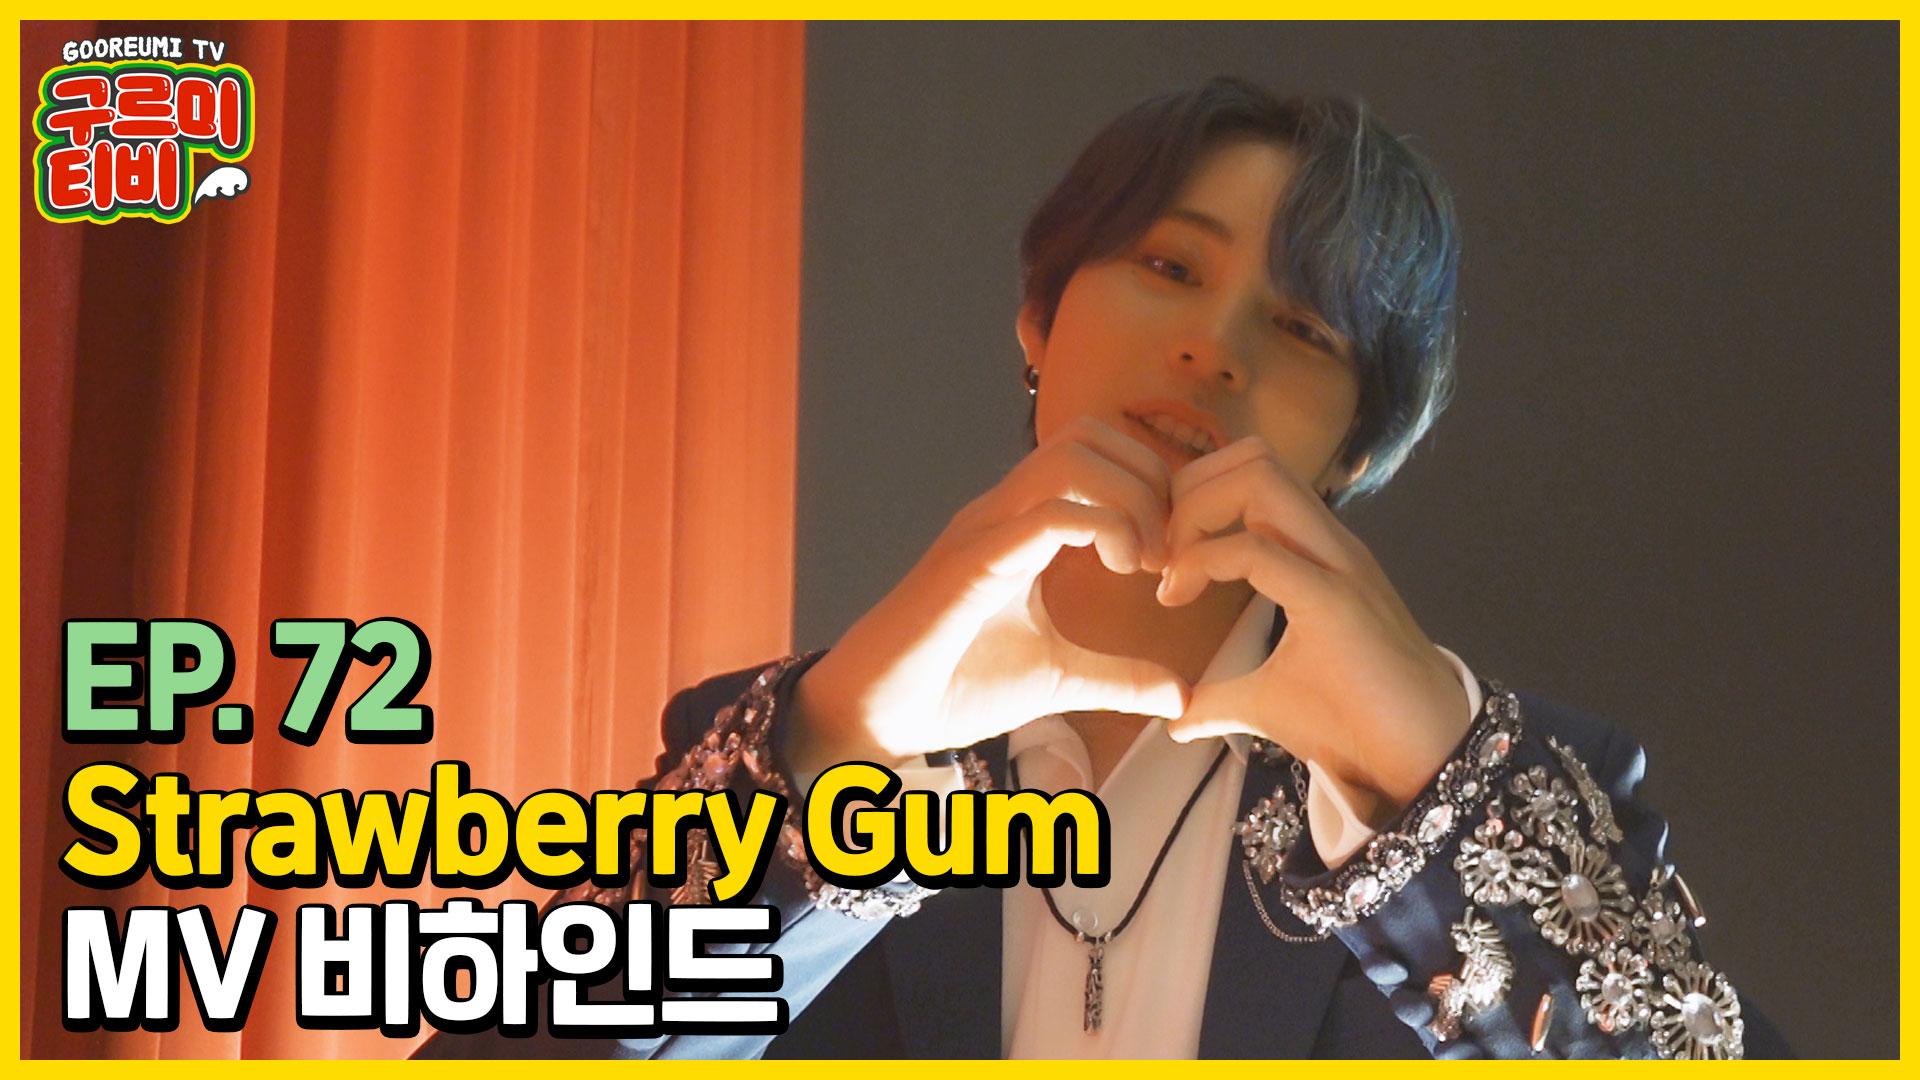 'Strawberry Gum' M/V 비하인드   구르미TV EP.72   하성운